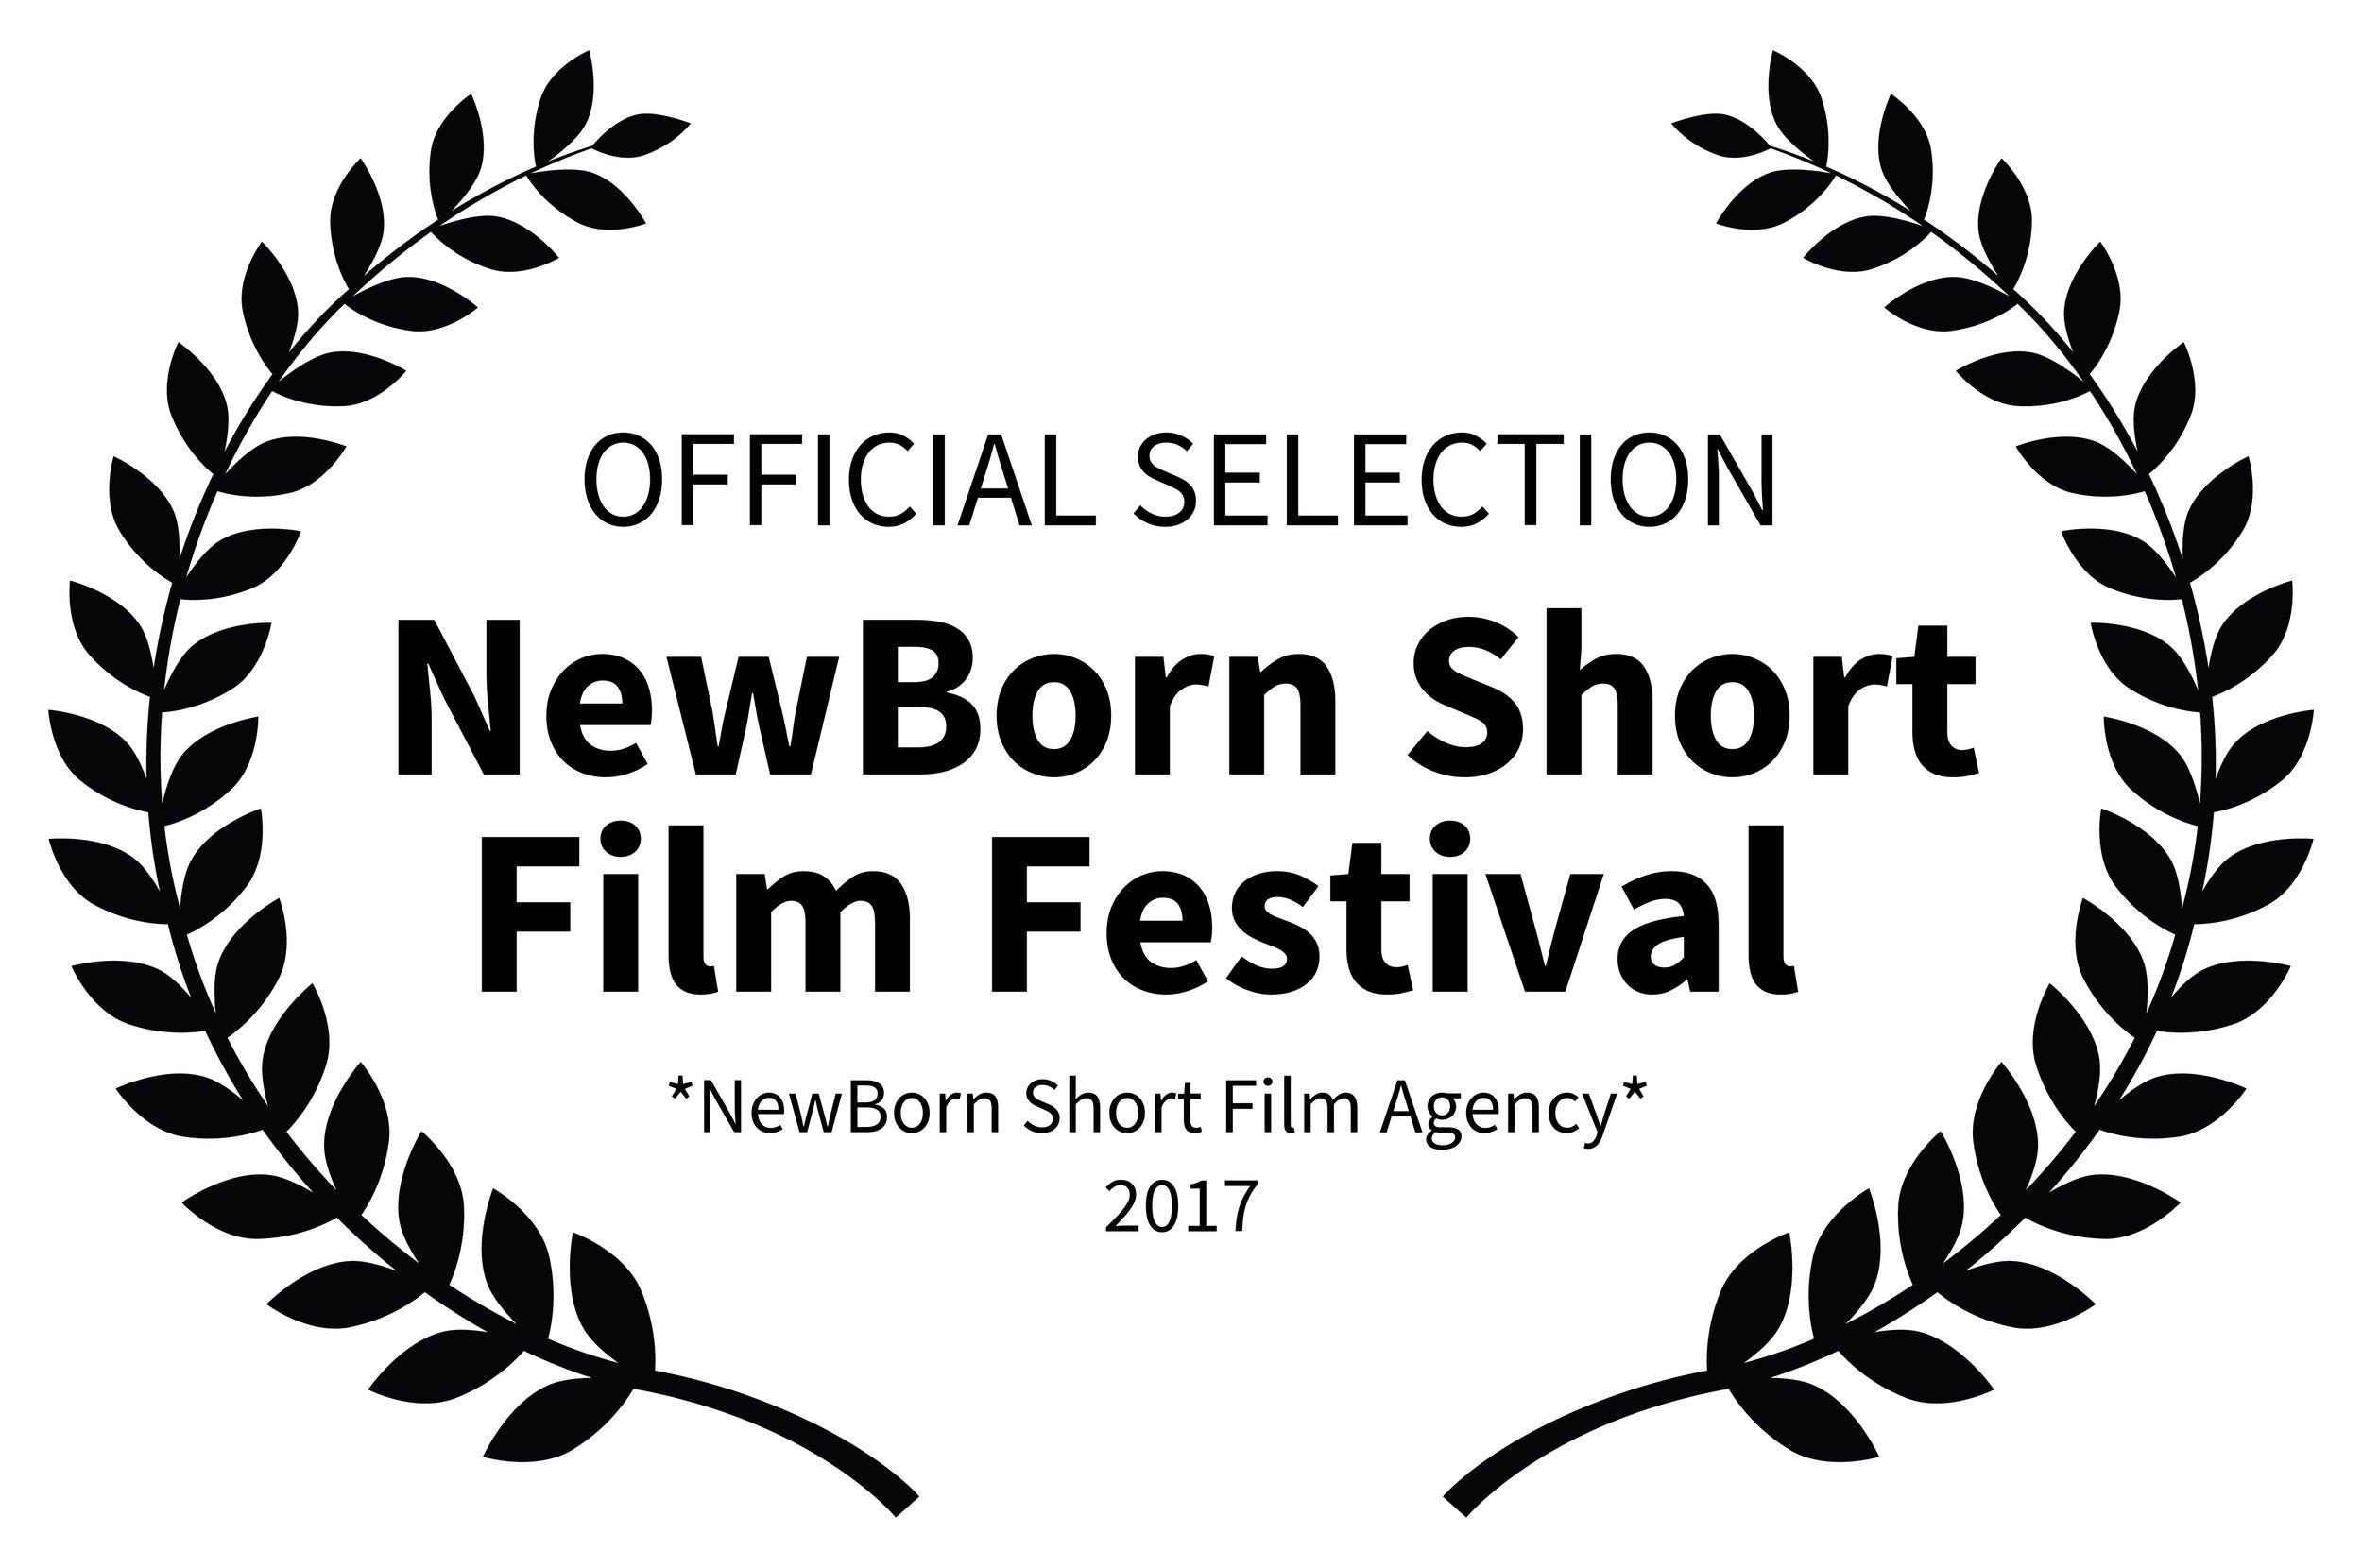 OFFICIALSELECTION-NewBornShortFilmFestival-NewBornShortFilmAgency2017.jpg